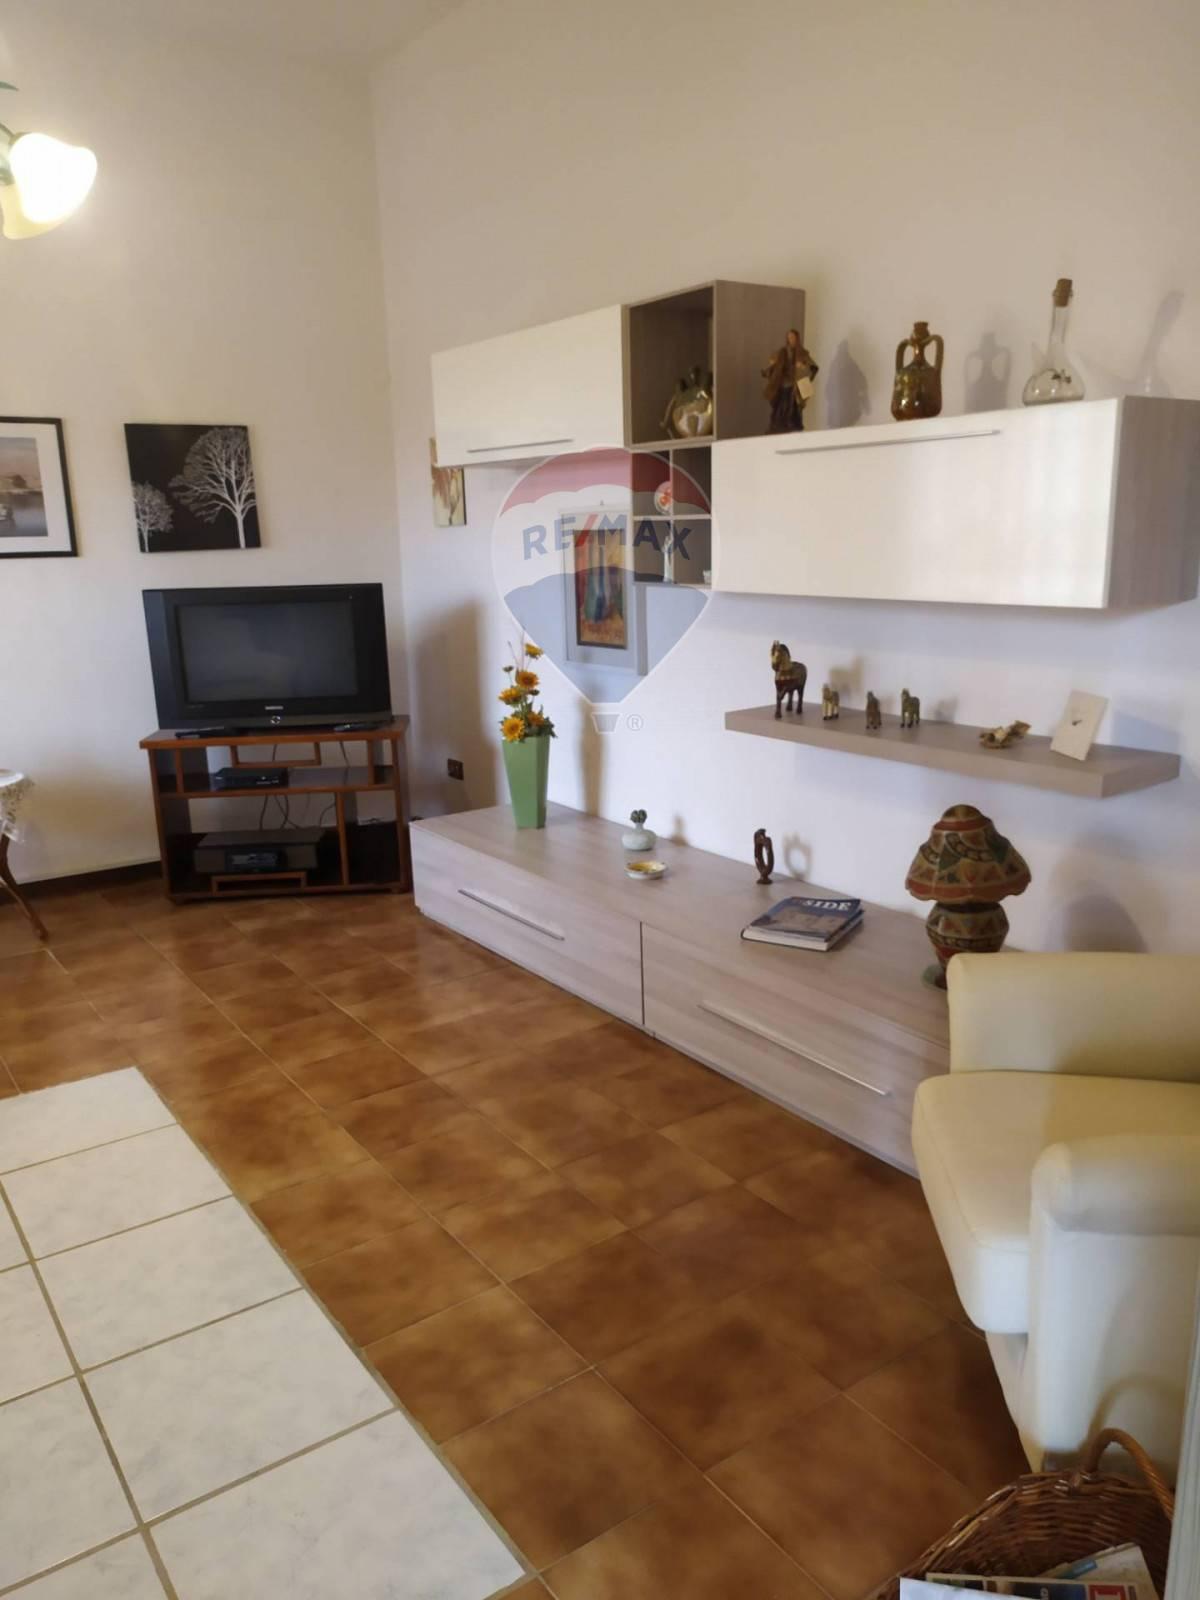 Appartamento in affitto a Ragusa, 4 locali, zona Località: MarinadiRagusa, prezzo € 4.200 | CambioCasa.it